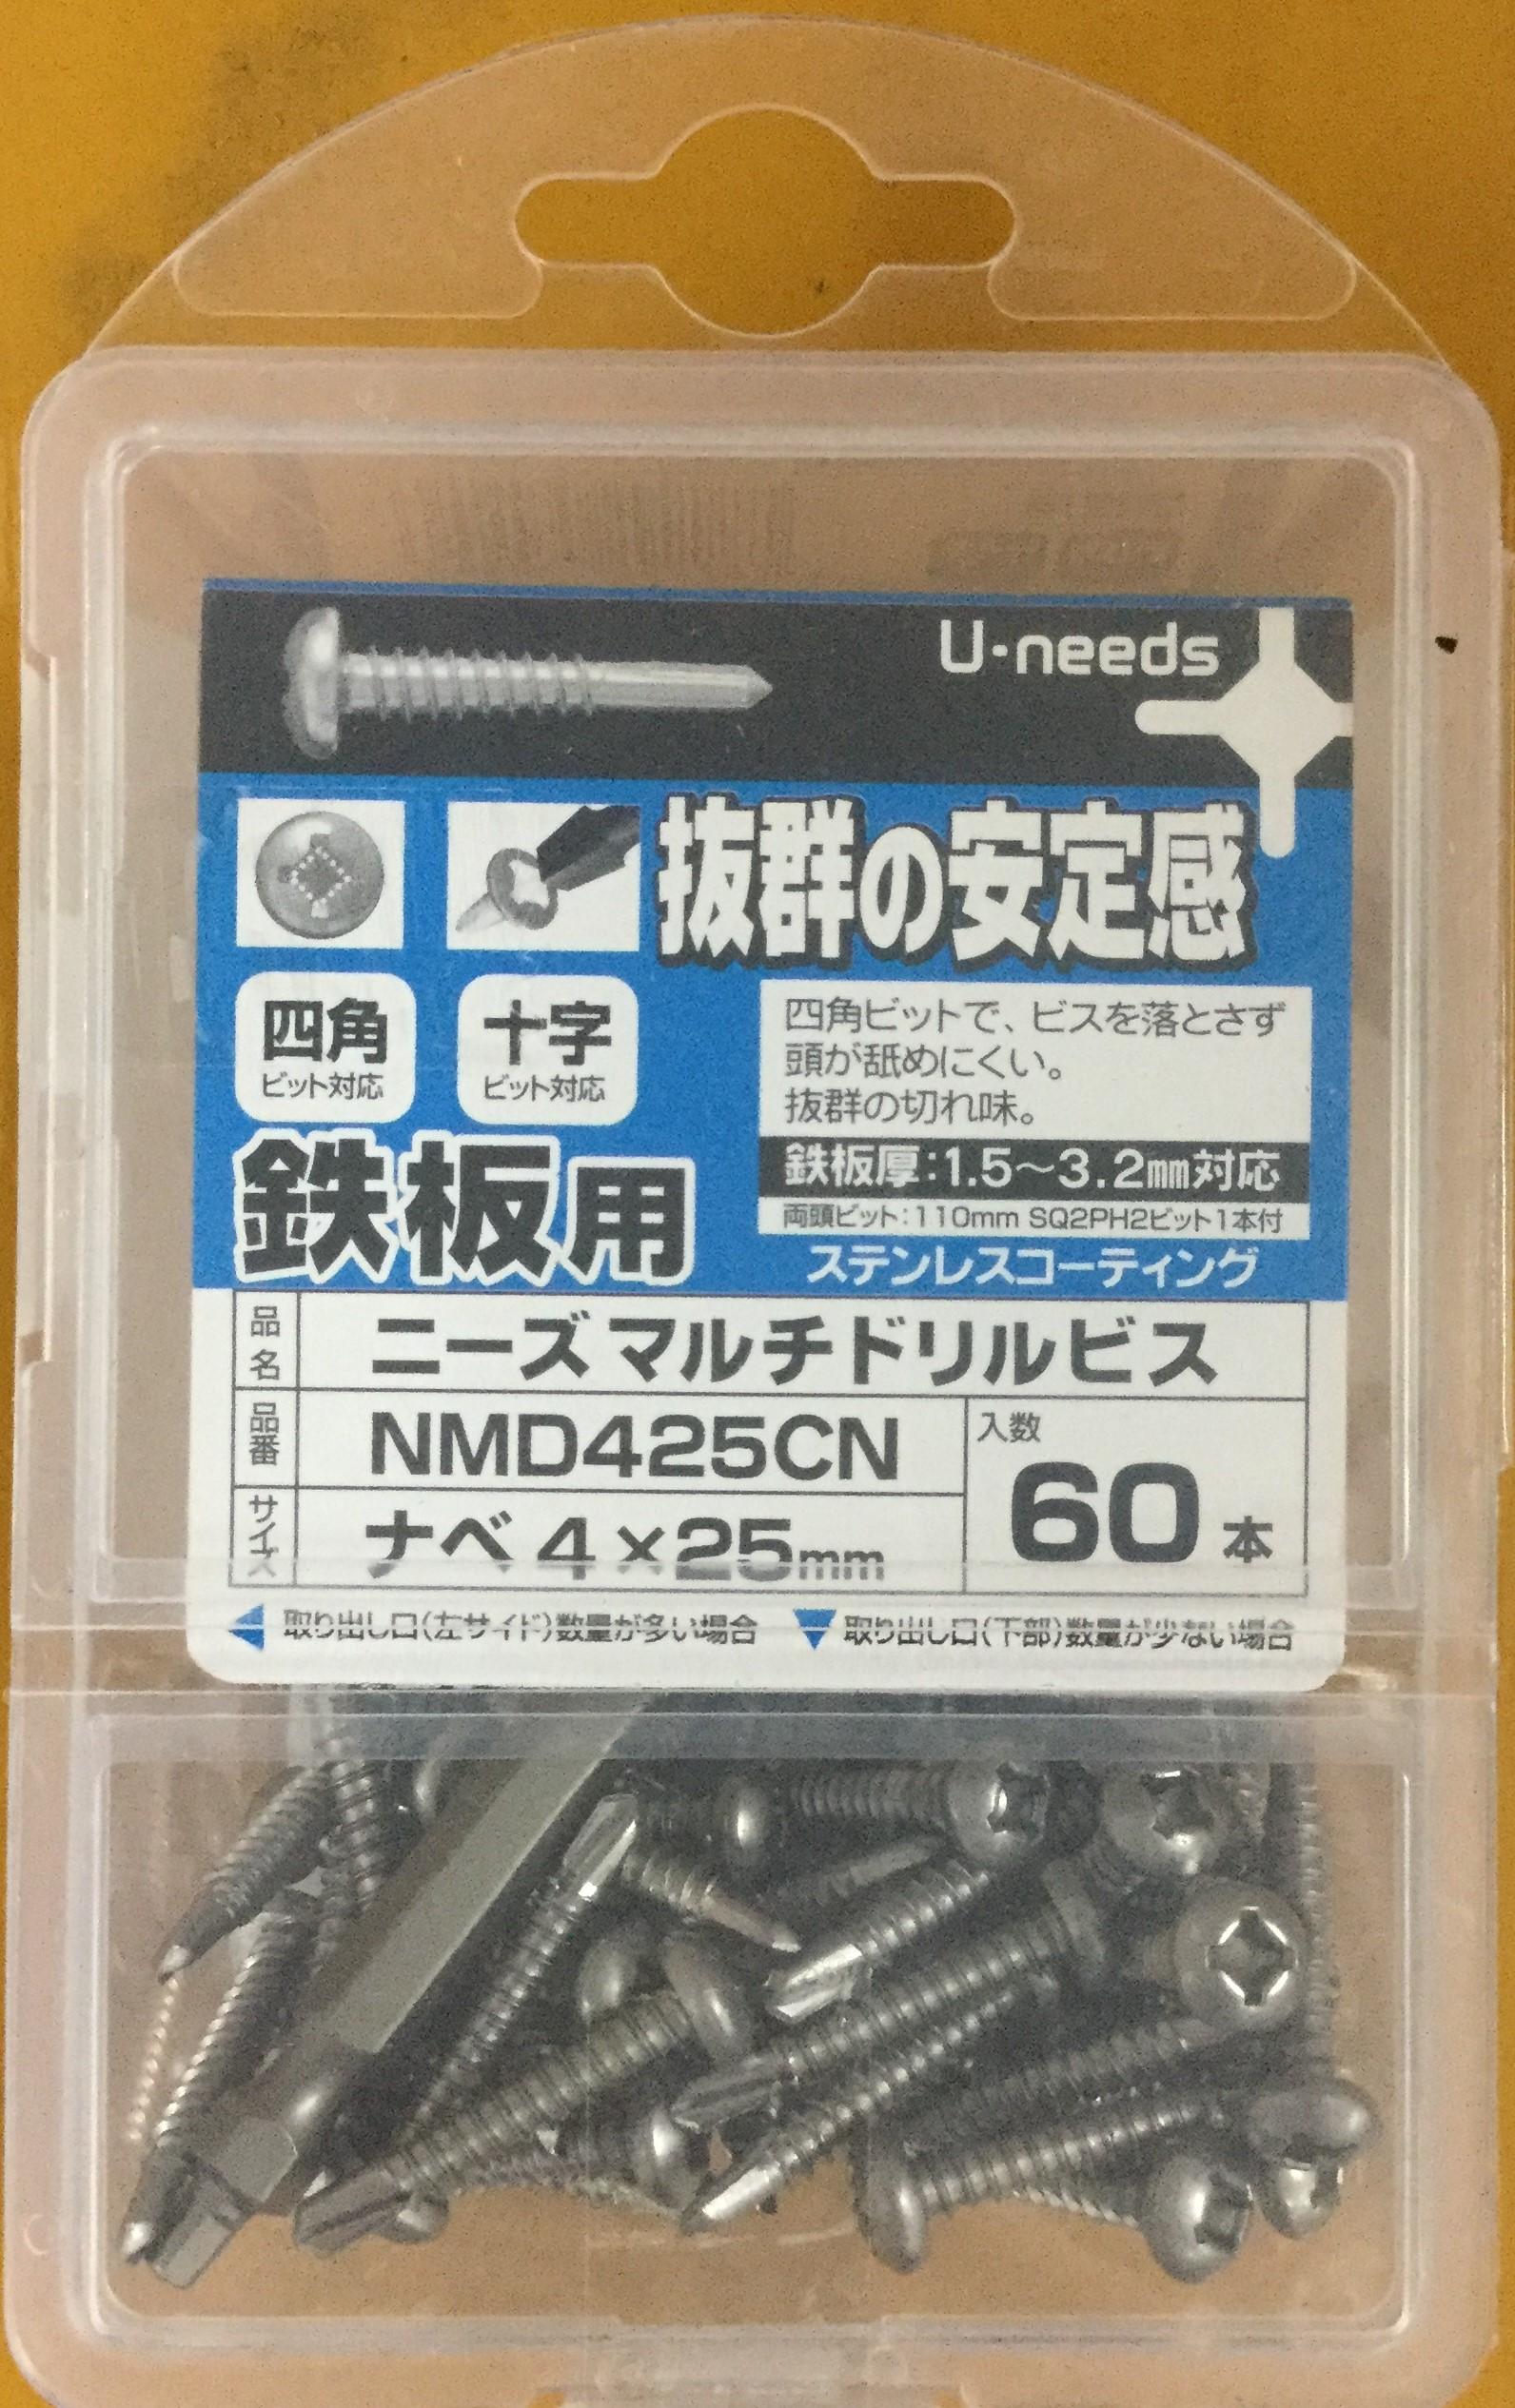 信託 1.6mm~3.2mmまでの鉄板に 現金特価 下穴なしで打ち込めるマルチドリルビス マルチドリルビスNMD425CN プロ用 鉄板ビス 高級 ニーズ2020 ユ